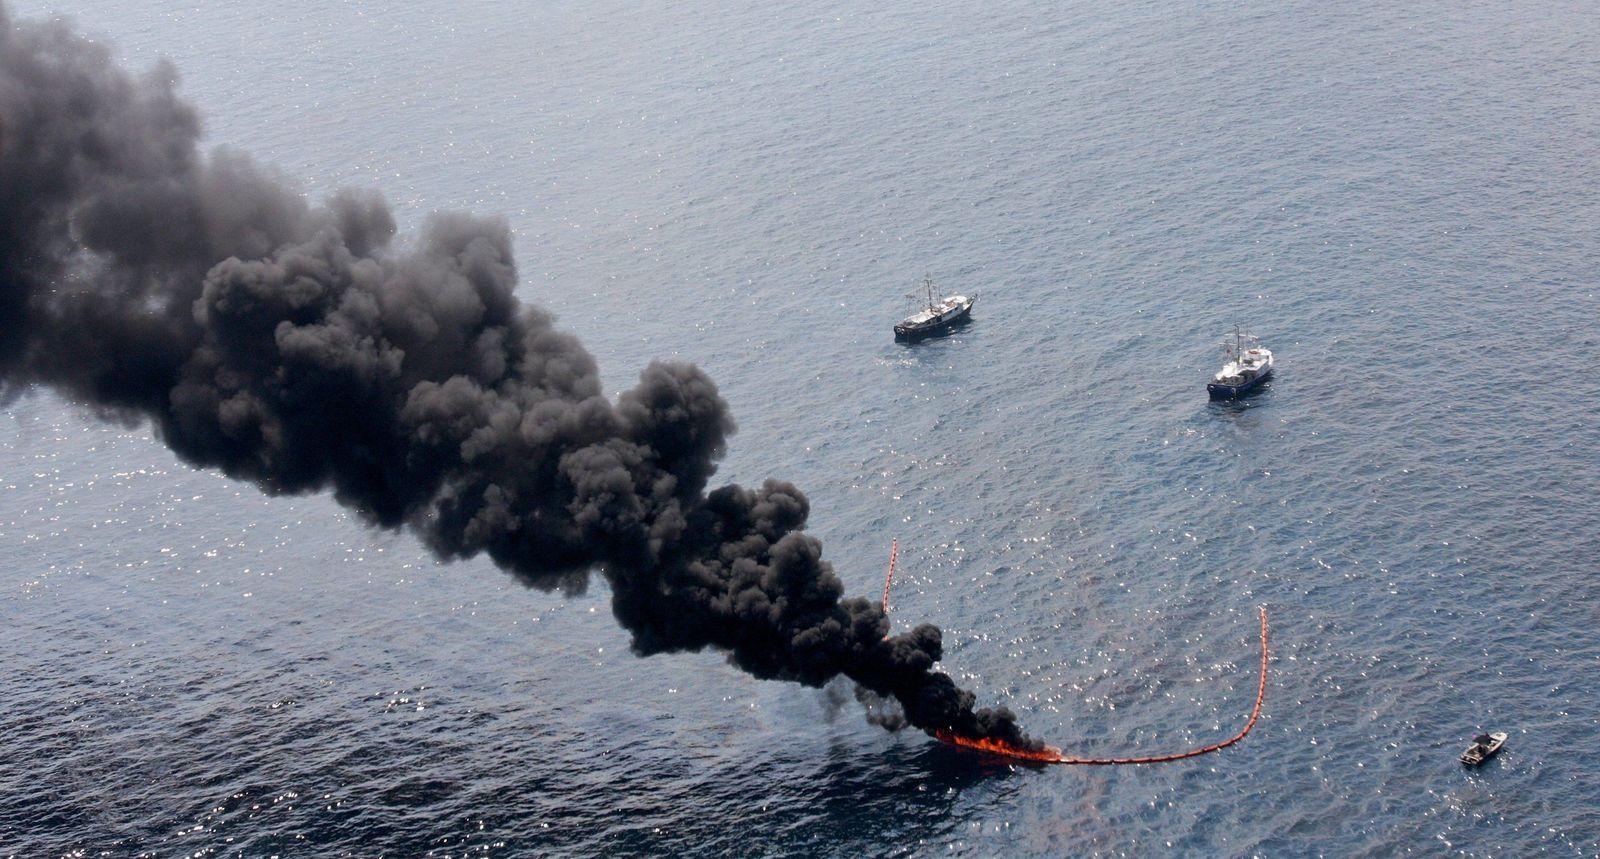 Druck auf BP immer stärker - Öl wird abgefackelt